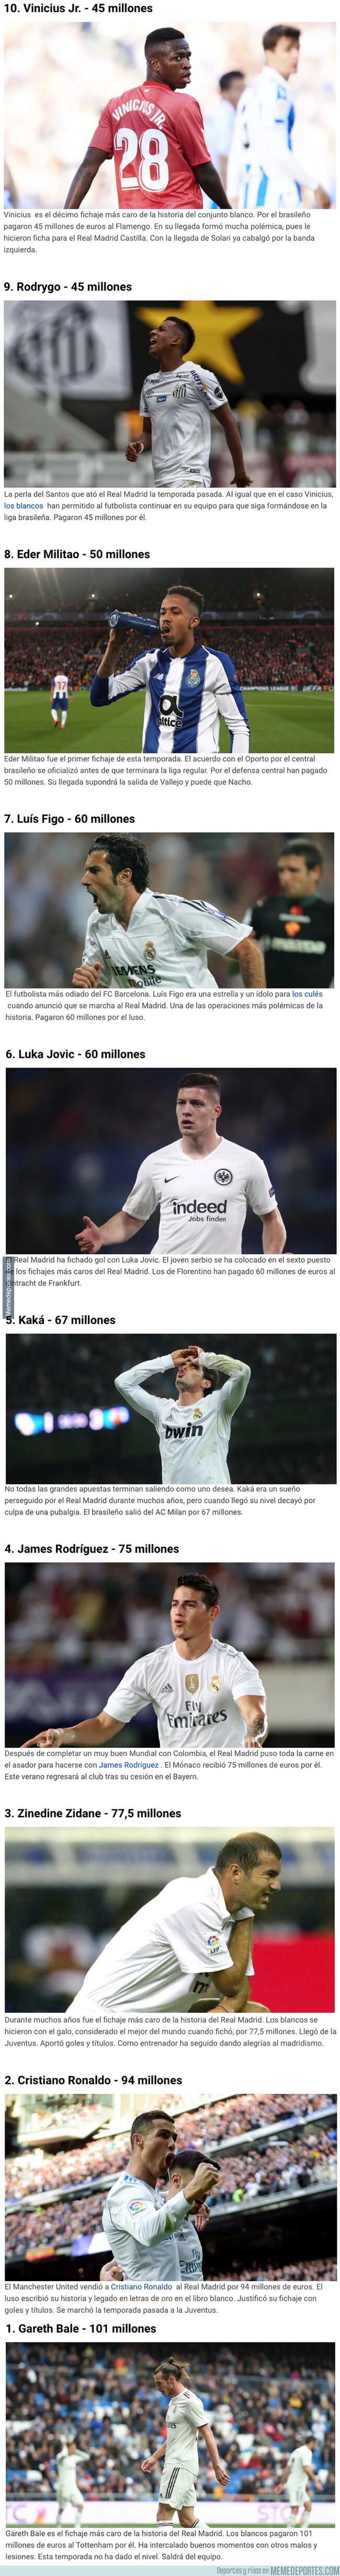 1077285 - La lista de los 10 fichajes más caros de la historia del Real Madrid que podría ser diferente en pocas horas